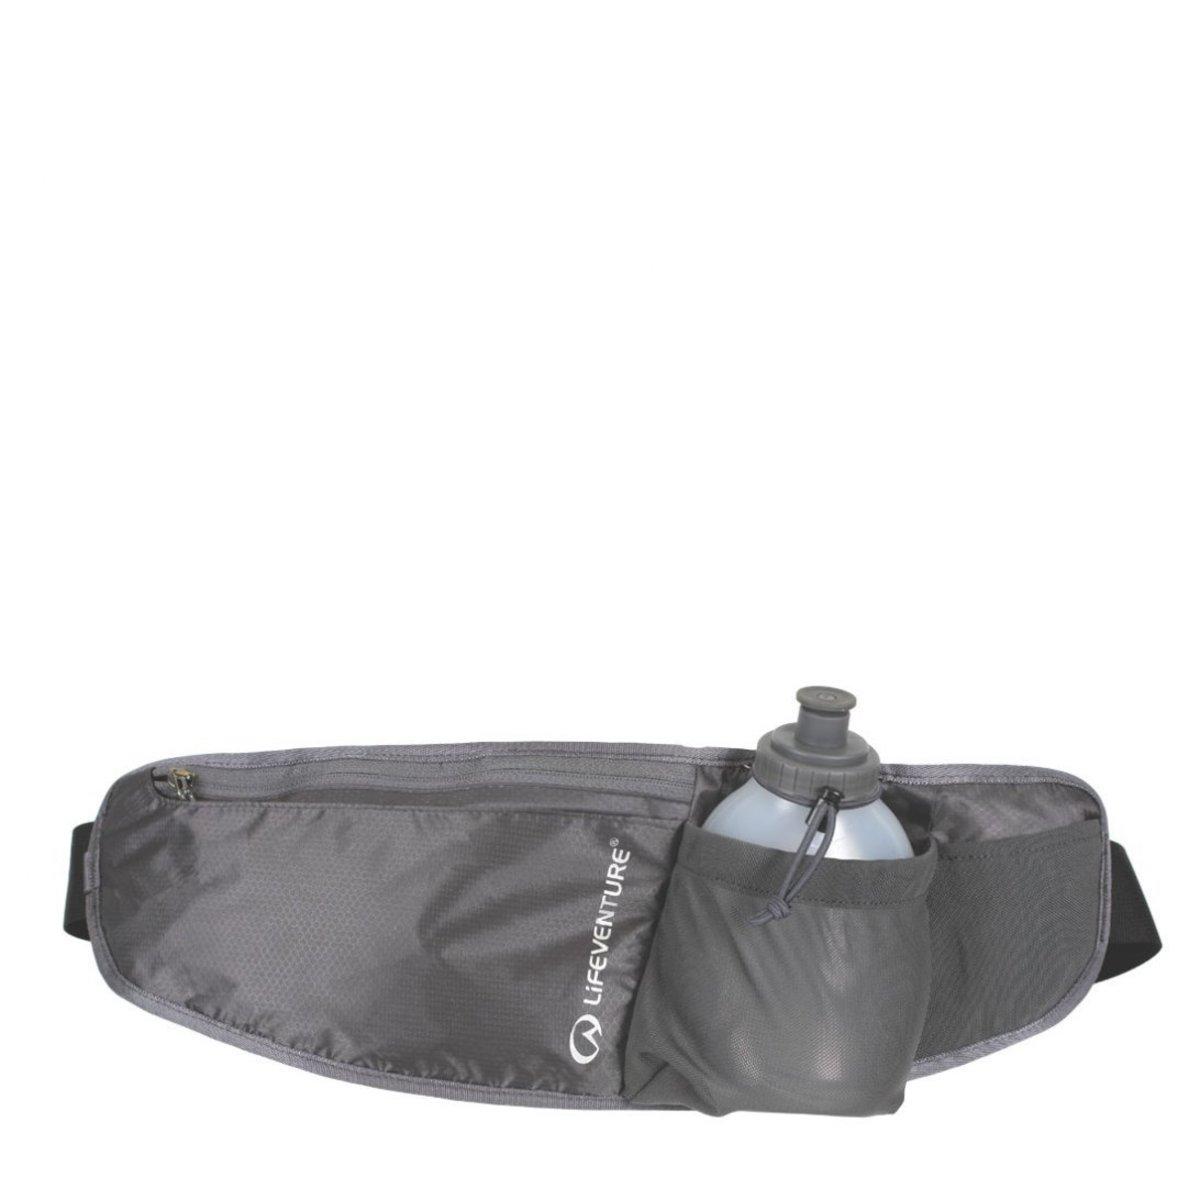 LMV Hydration Waist Belt